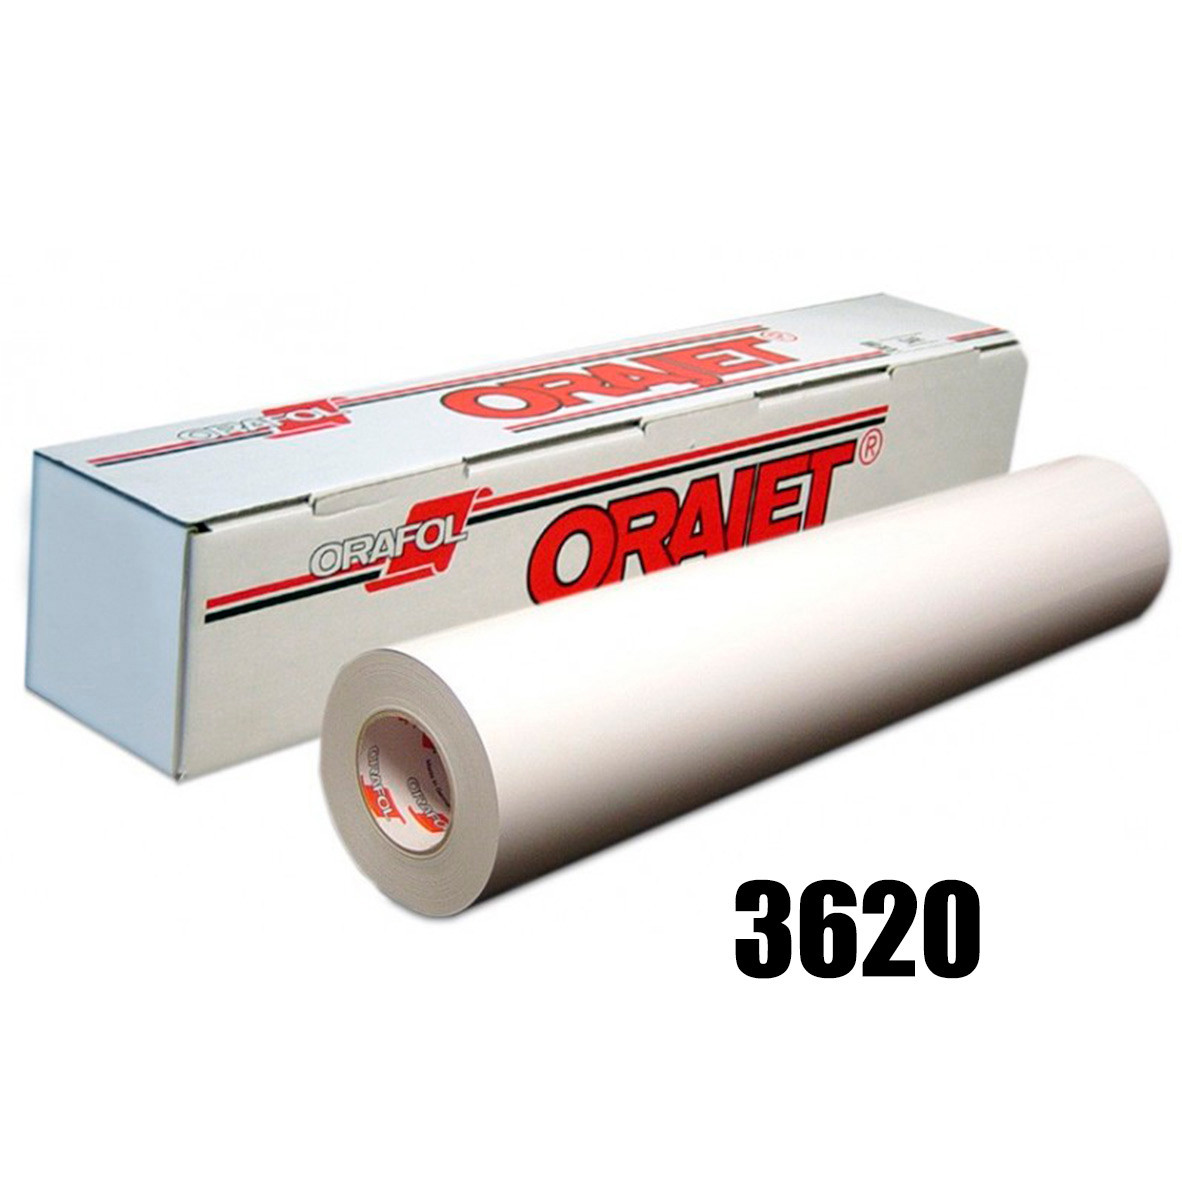 Orajet 3620 White Matte 1.60 m